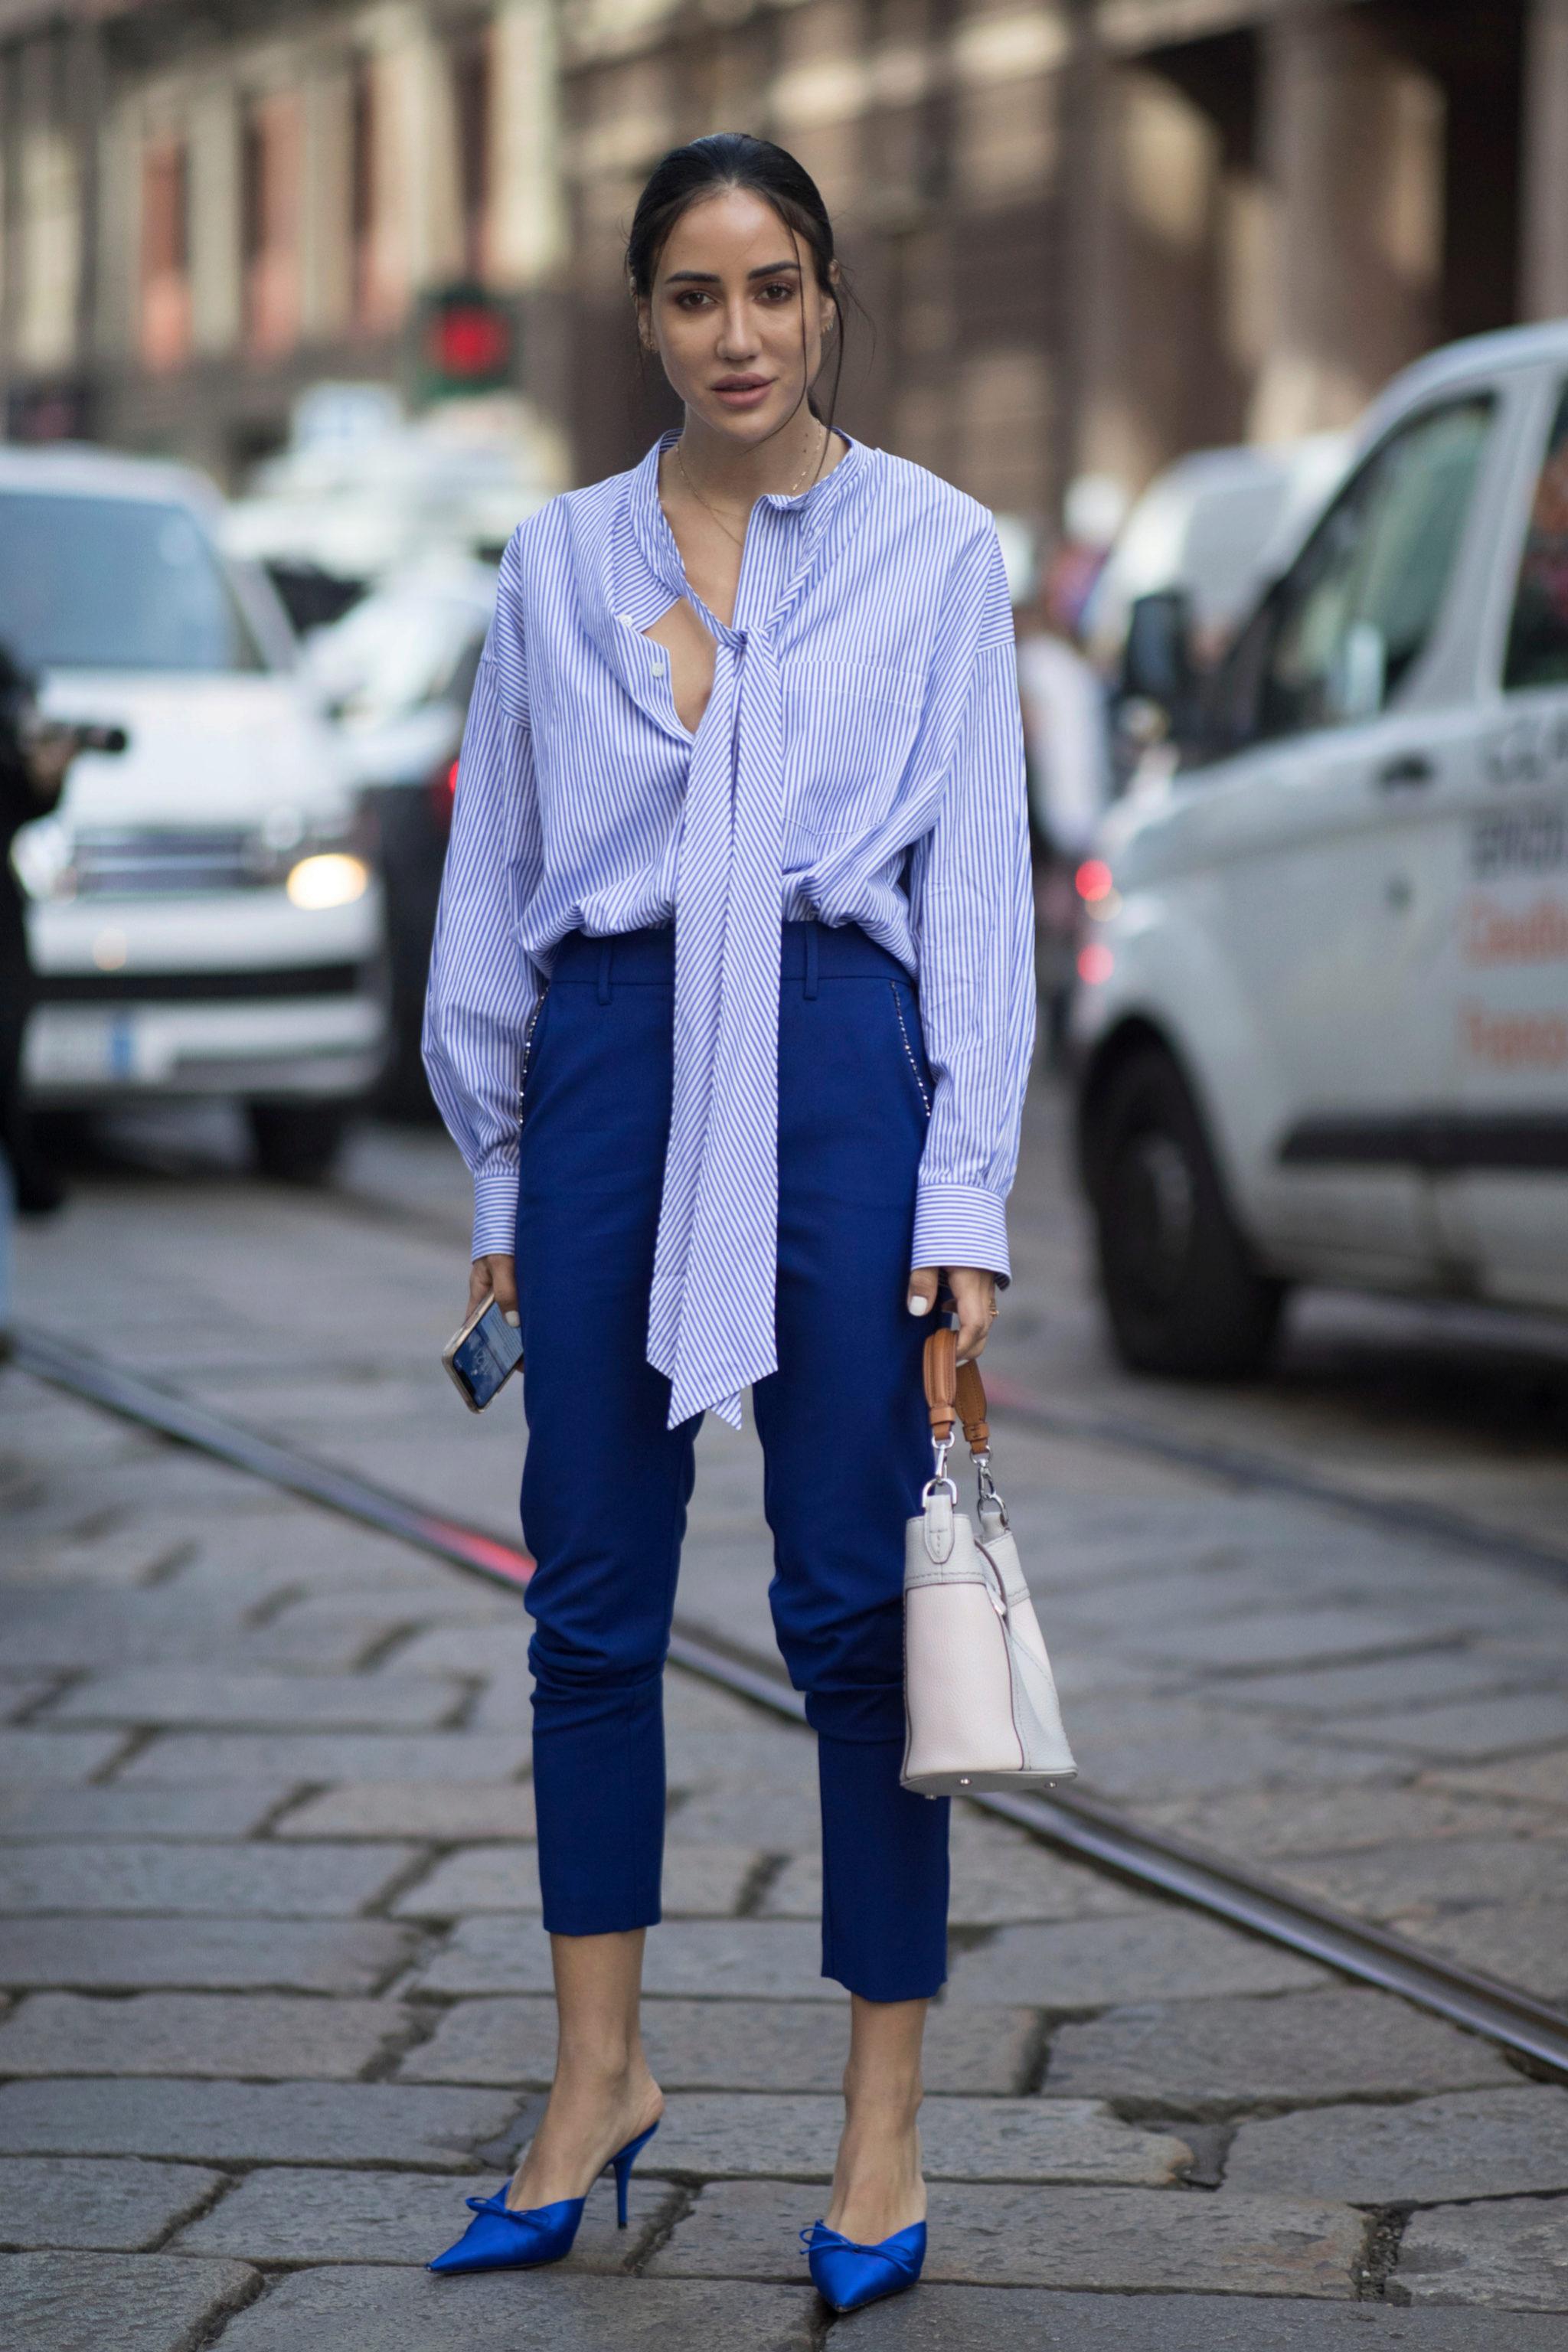 Pantalón pitillo, azul y bailarinas, un todo en uno con un toque clásico